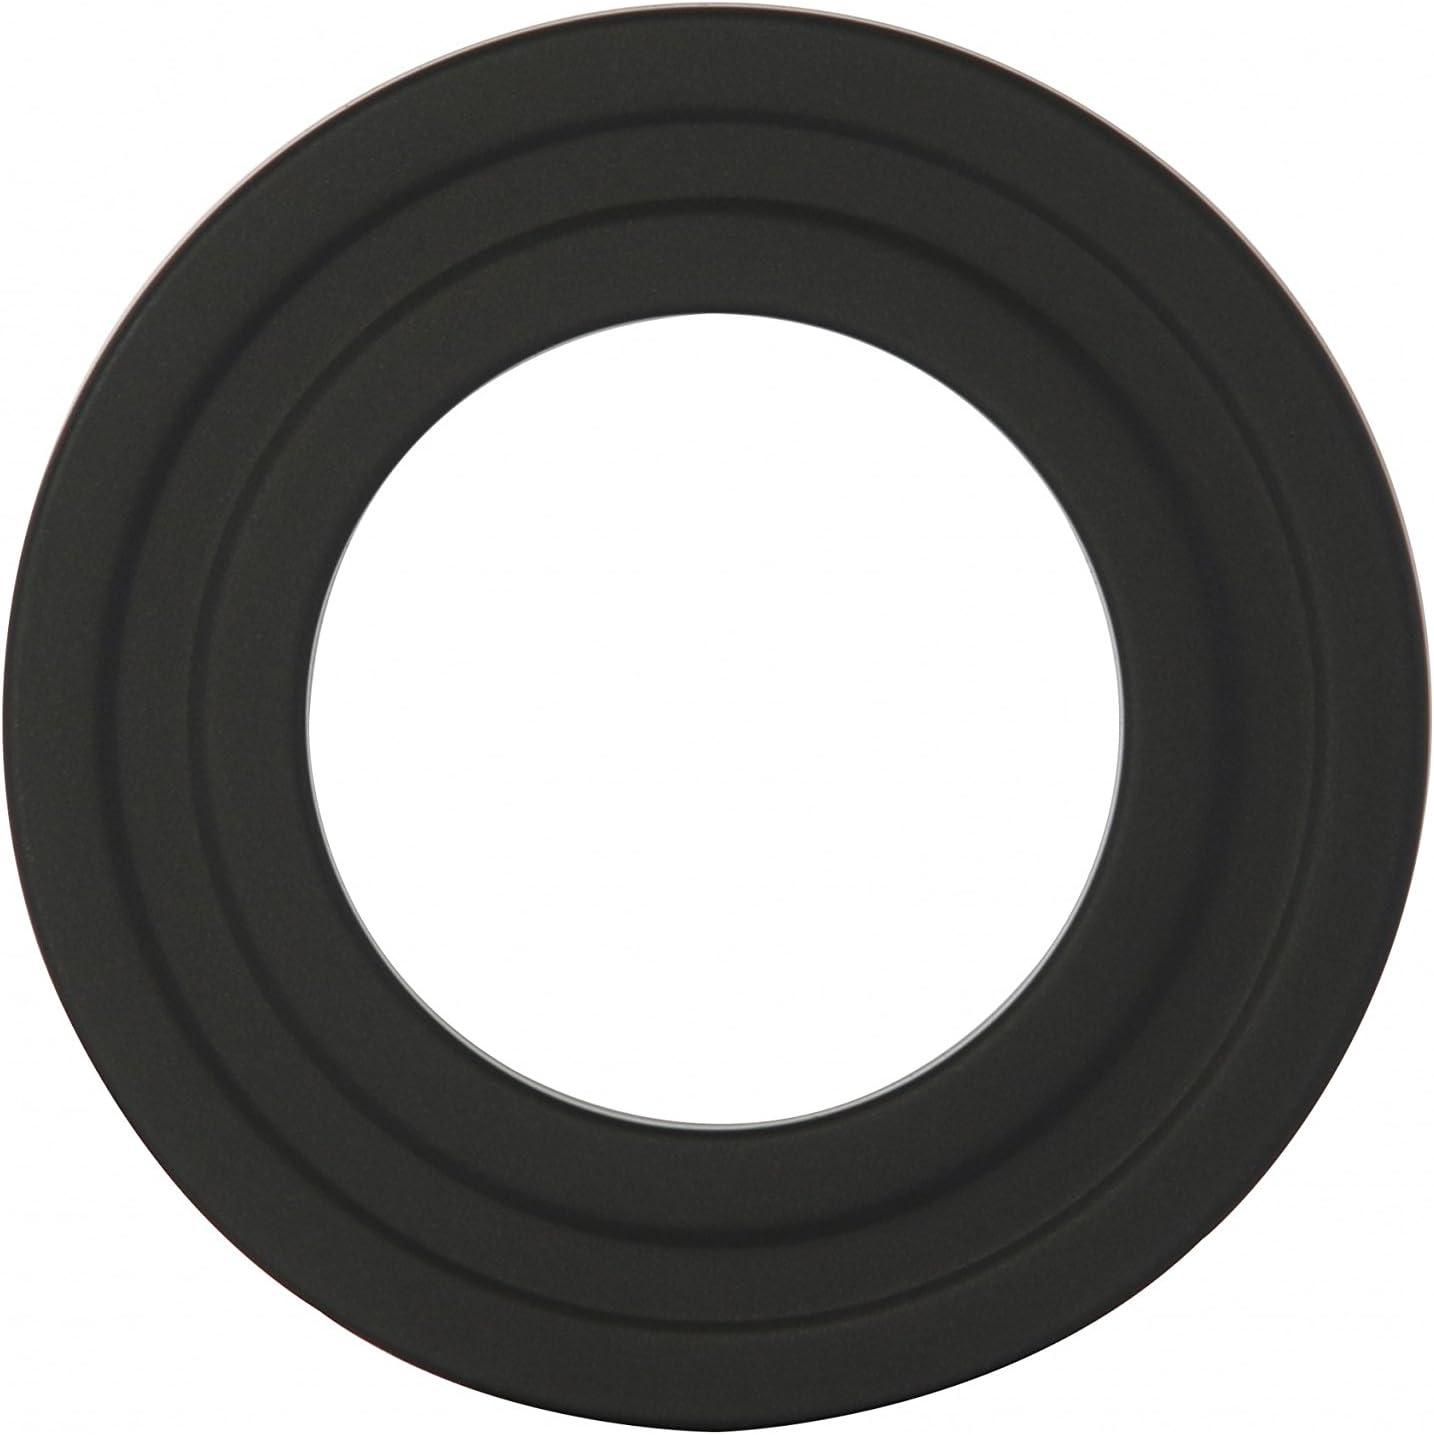 Colore Bianco Rosetta di Copertura in Plastica per tubo di Termosifoni Canna Fumaria Camino a Legna e Termosifone. Stufa a Pellet DOJA Industrial Rosone Copri Tubi rotondo 80 mm